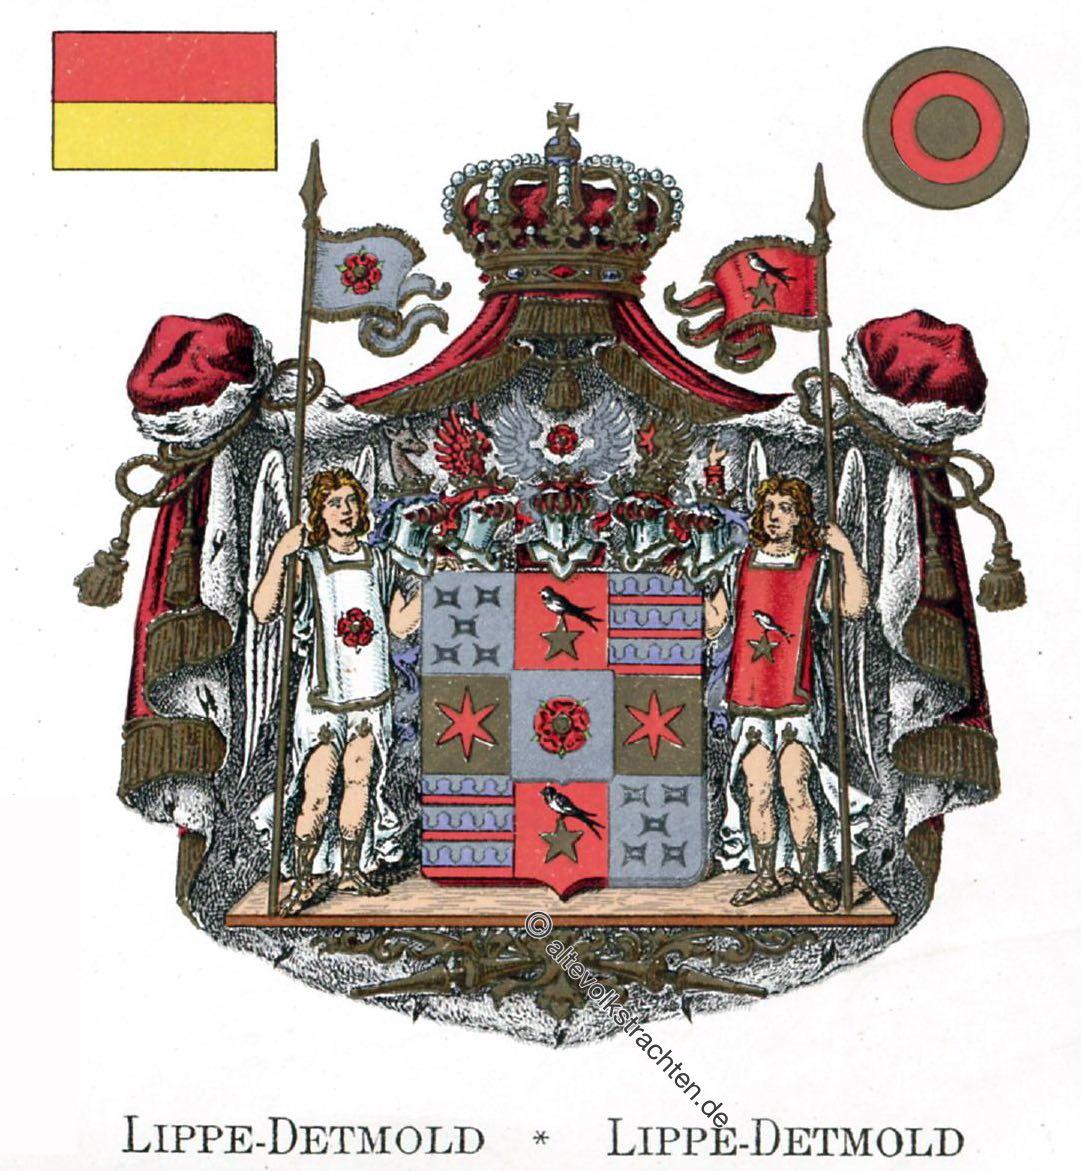 Lippe-Detmold, Staatswappen, Wappen, Heraldik, Deutschland, Landesflaggen, Cocarden, heraldry, héraldique, armoiries,